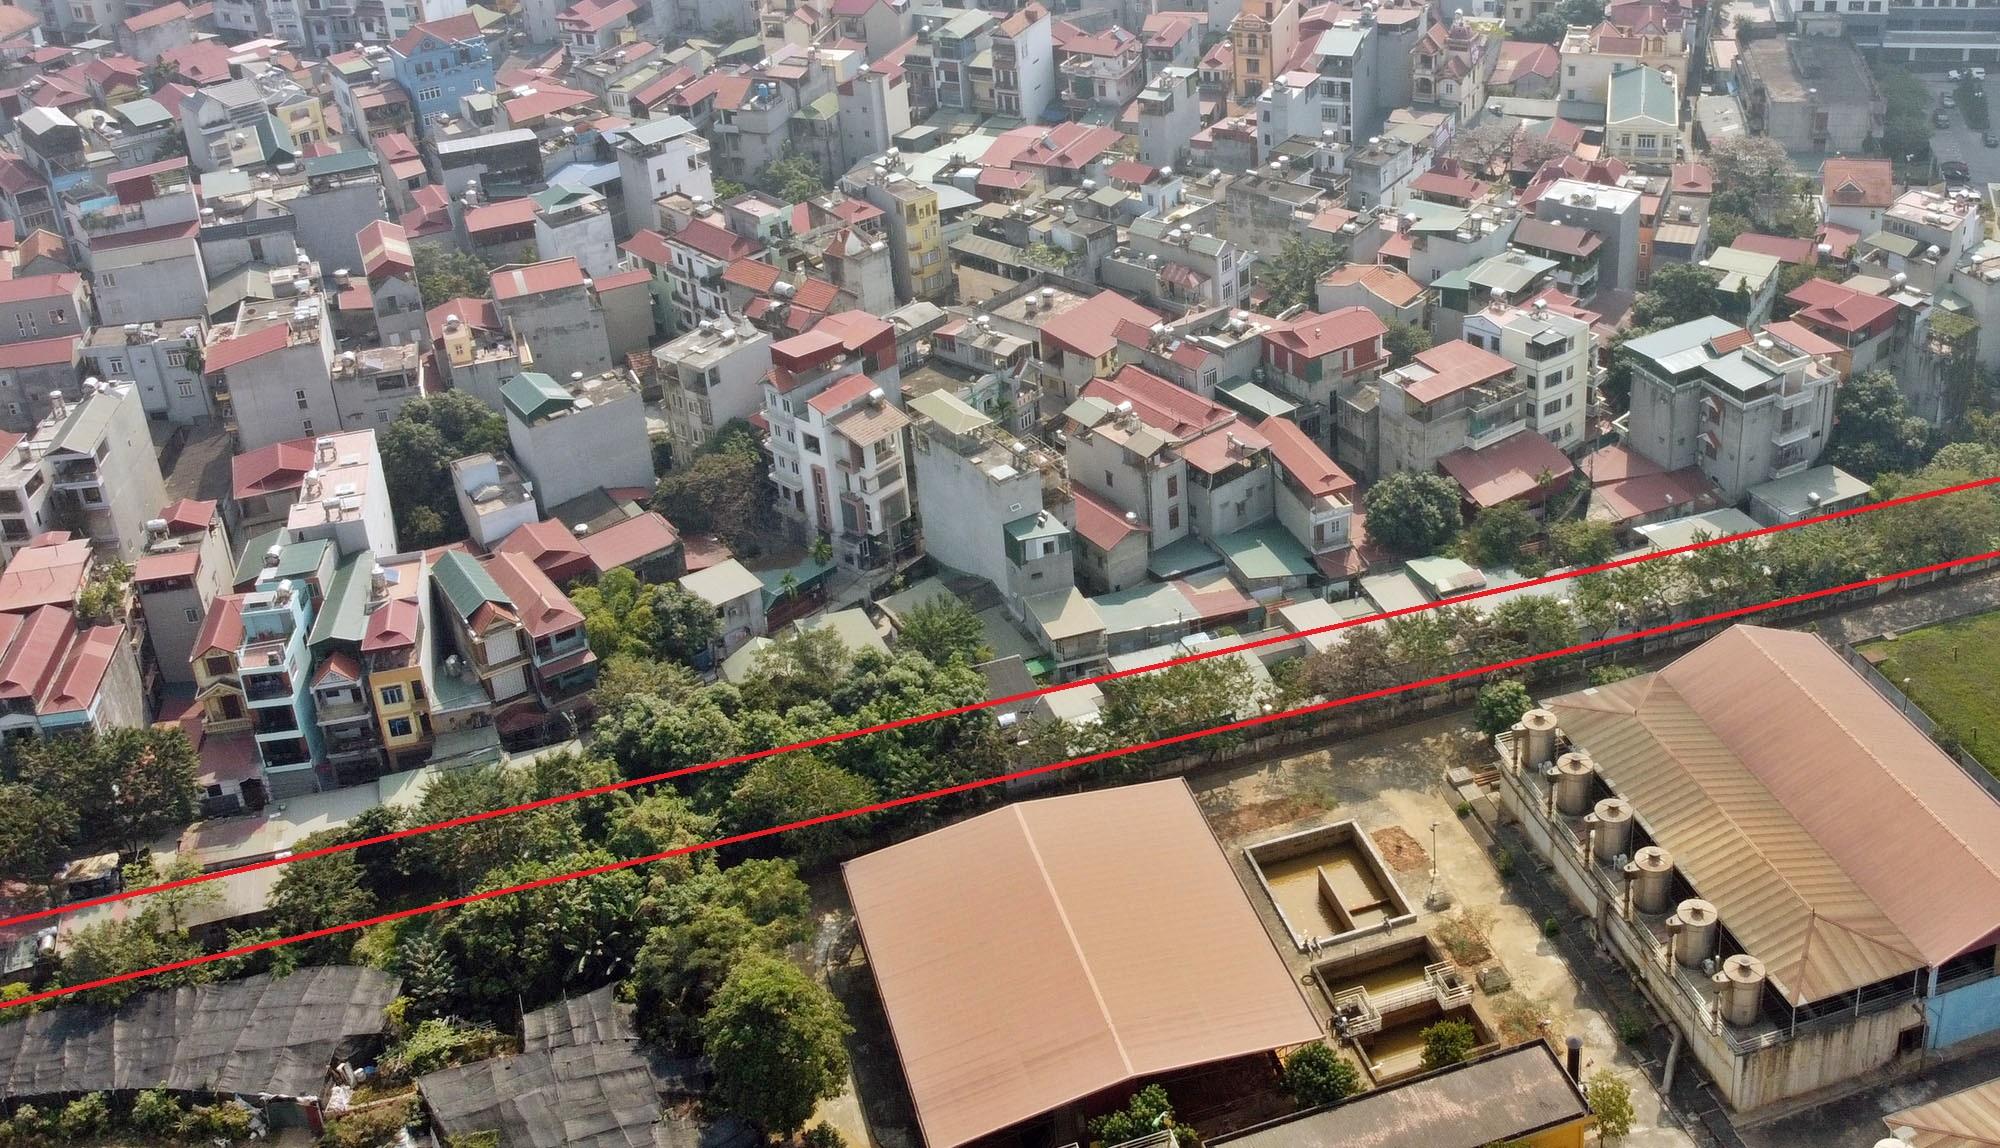 Ba đường sẽ mở theo qui hoạch ở phường Xuân Đỉnh, Bắc Từ Liêm, Hà Nội (phần 2) - Ảnh 13.